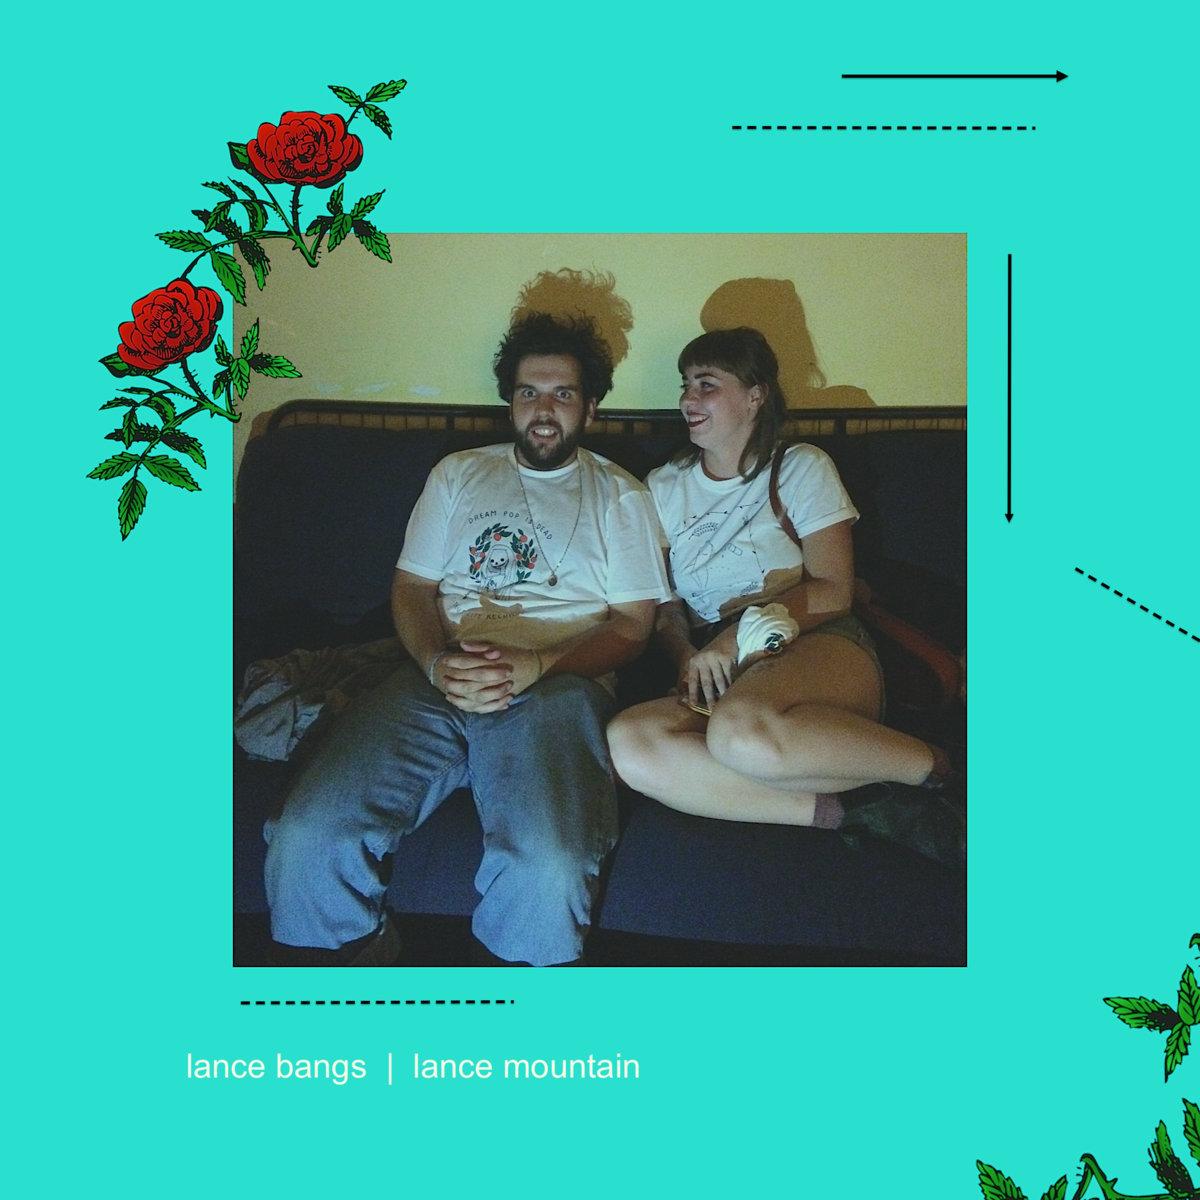 lance bangs lance mountain album art